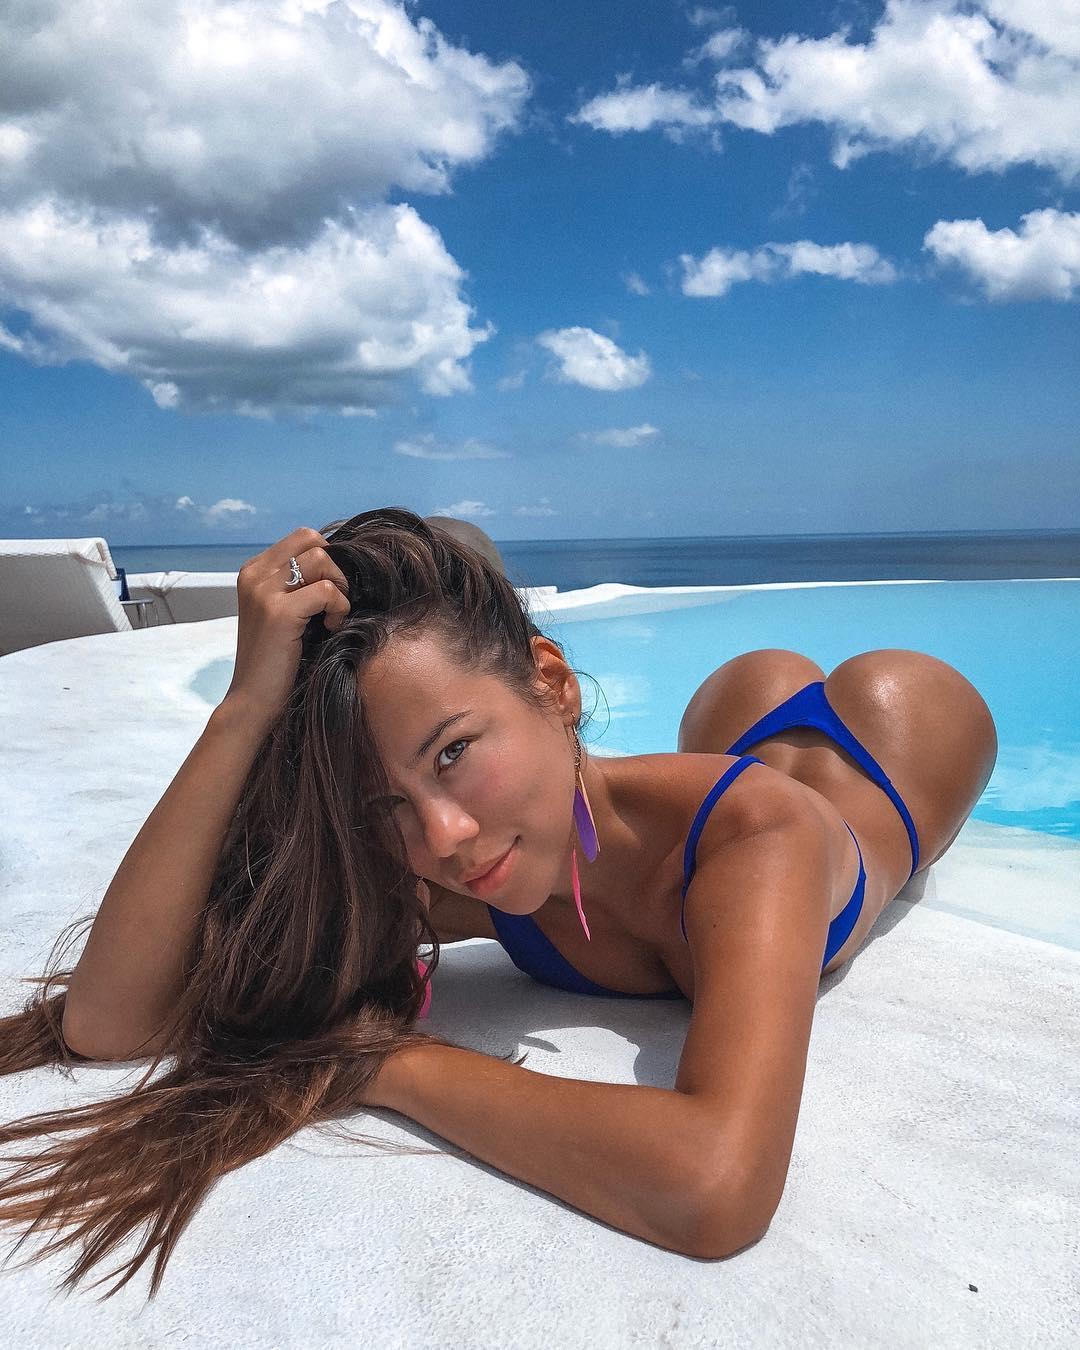 Adriana Porn adriana hughes porn pic - eporner